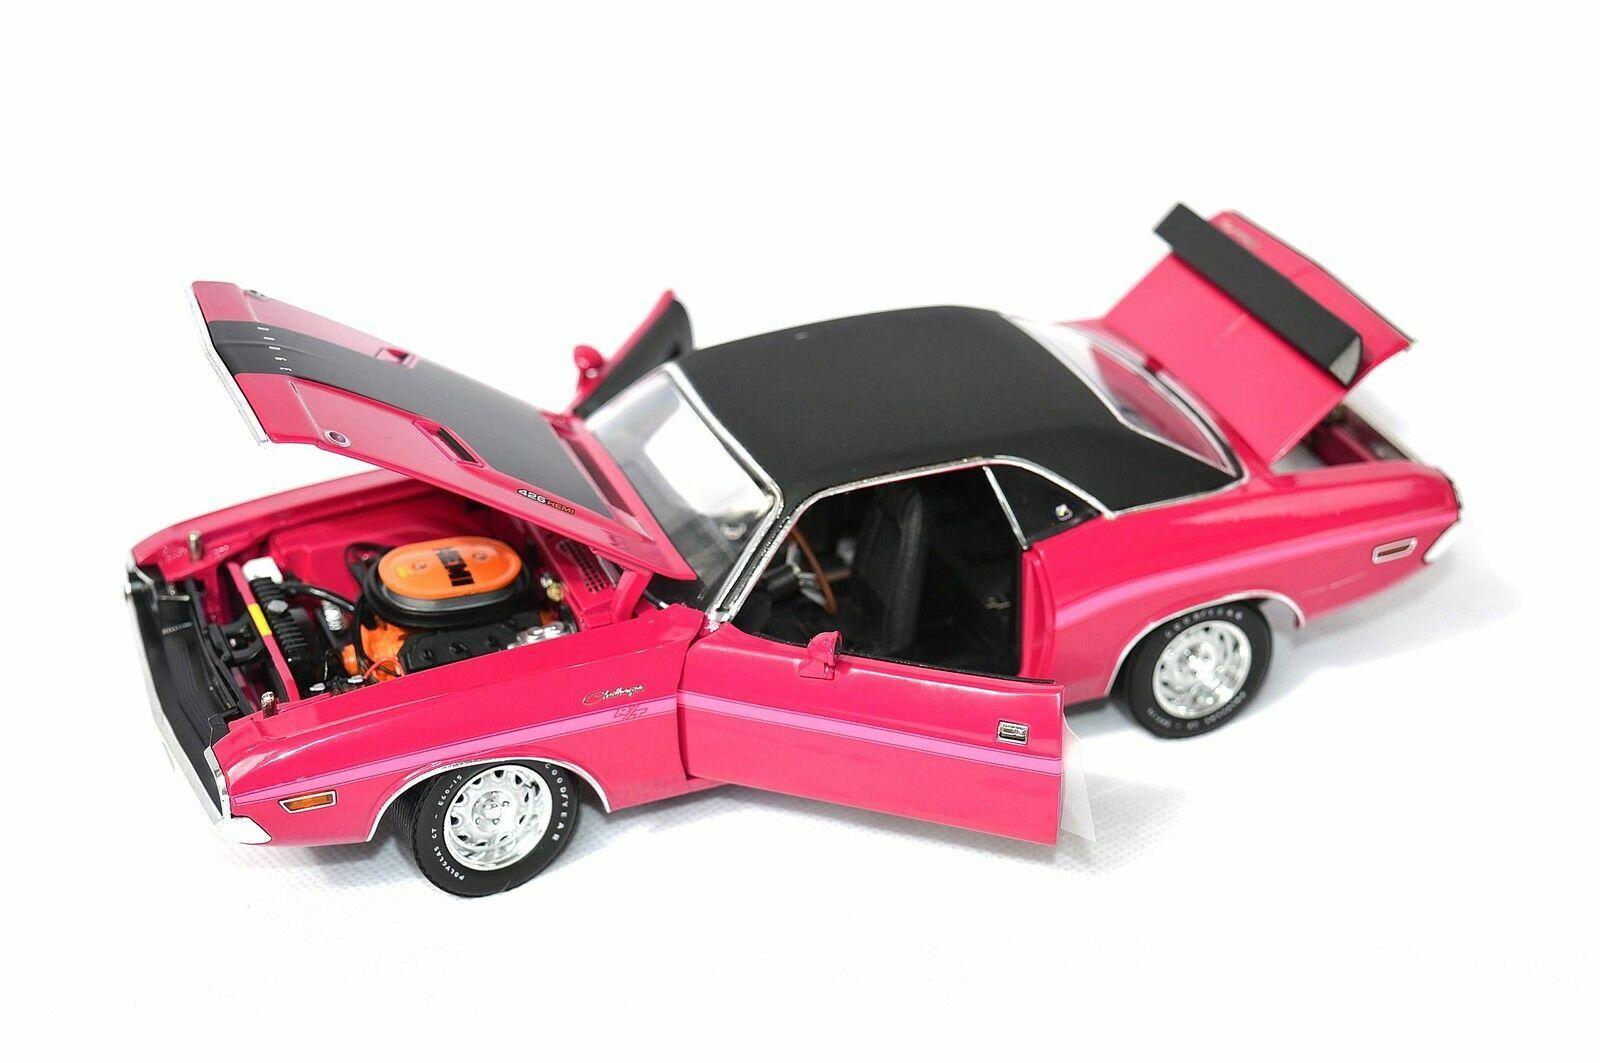 1970 Dodge Challenger R T Panther Rose échelle 1 24 par la route 61 50771